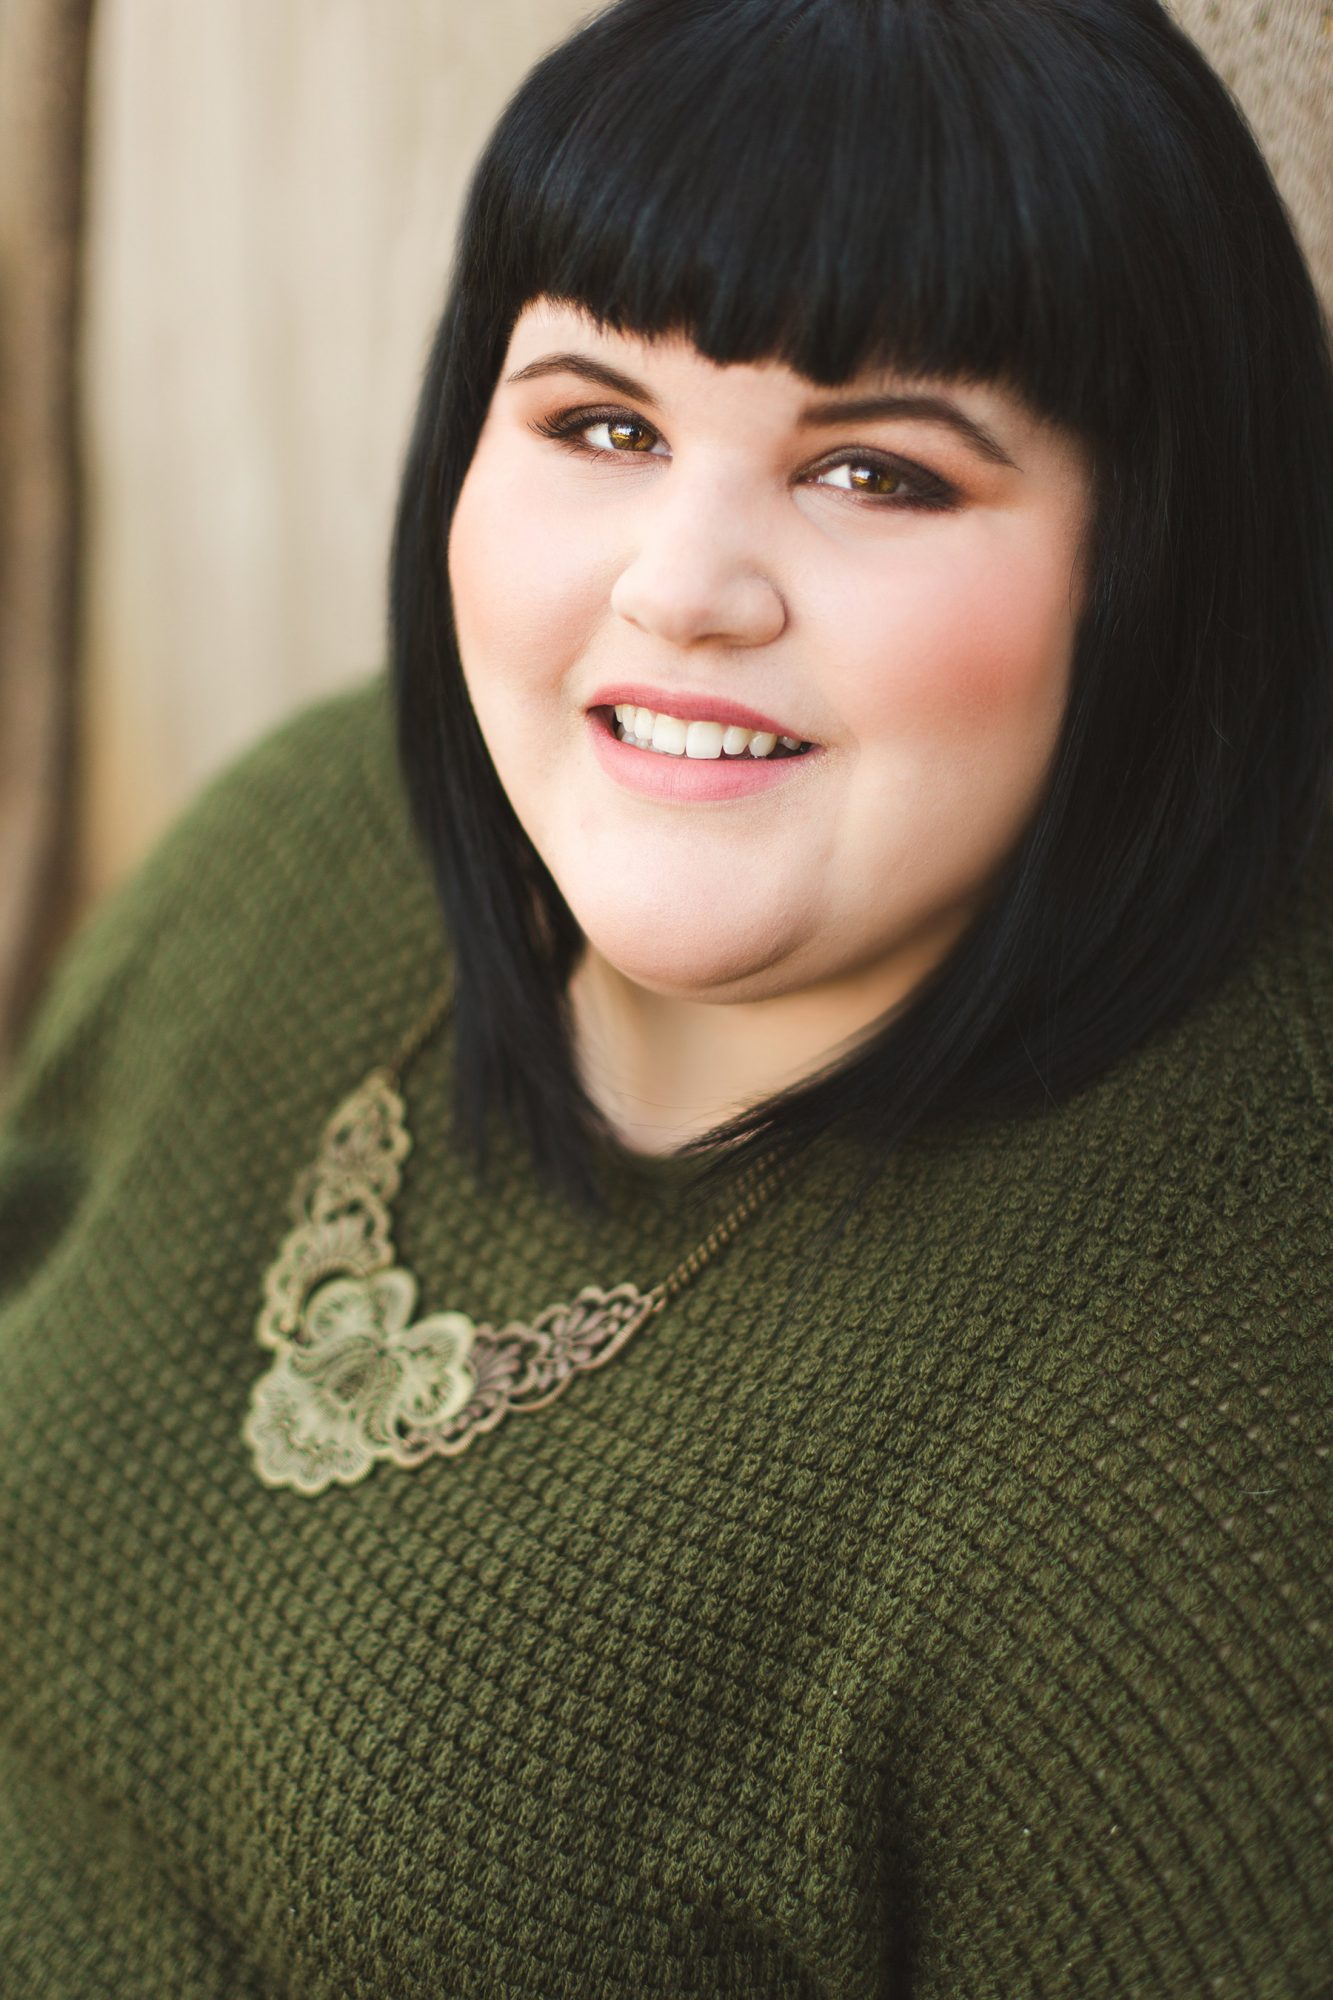 Julie Murphy